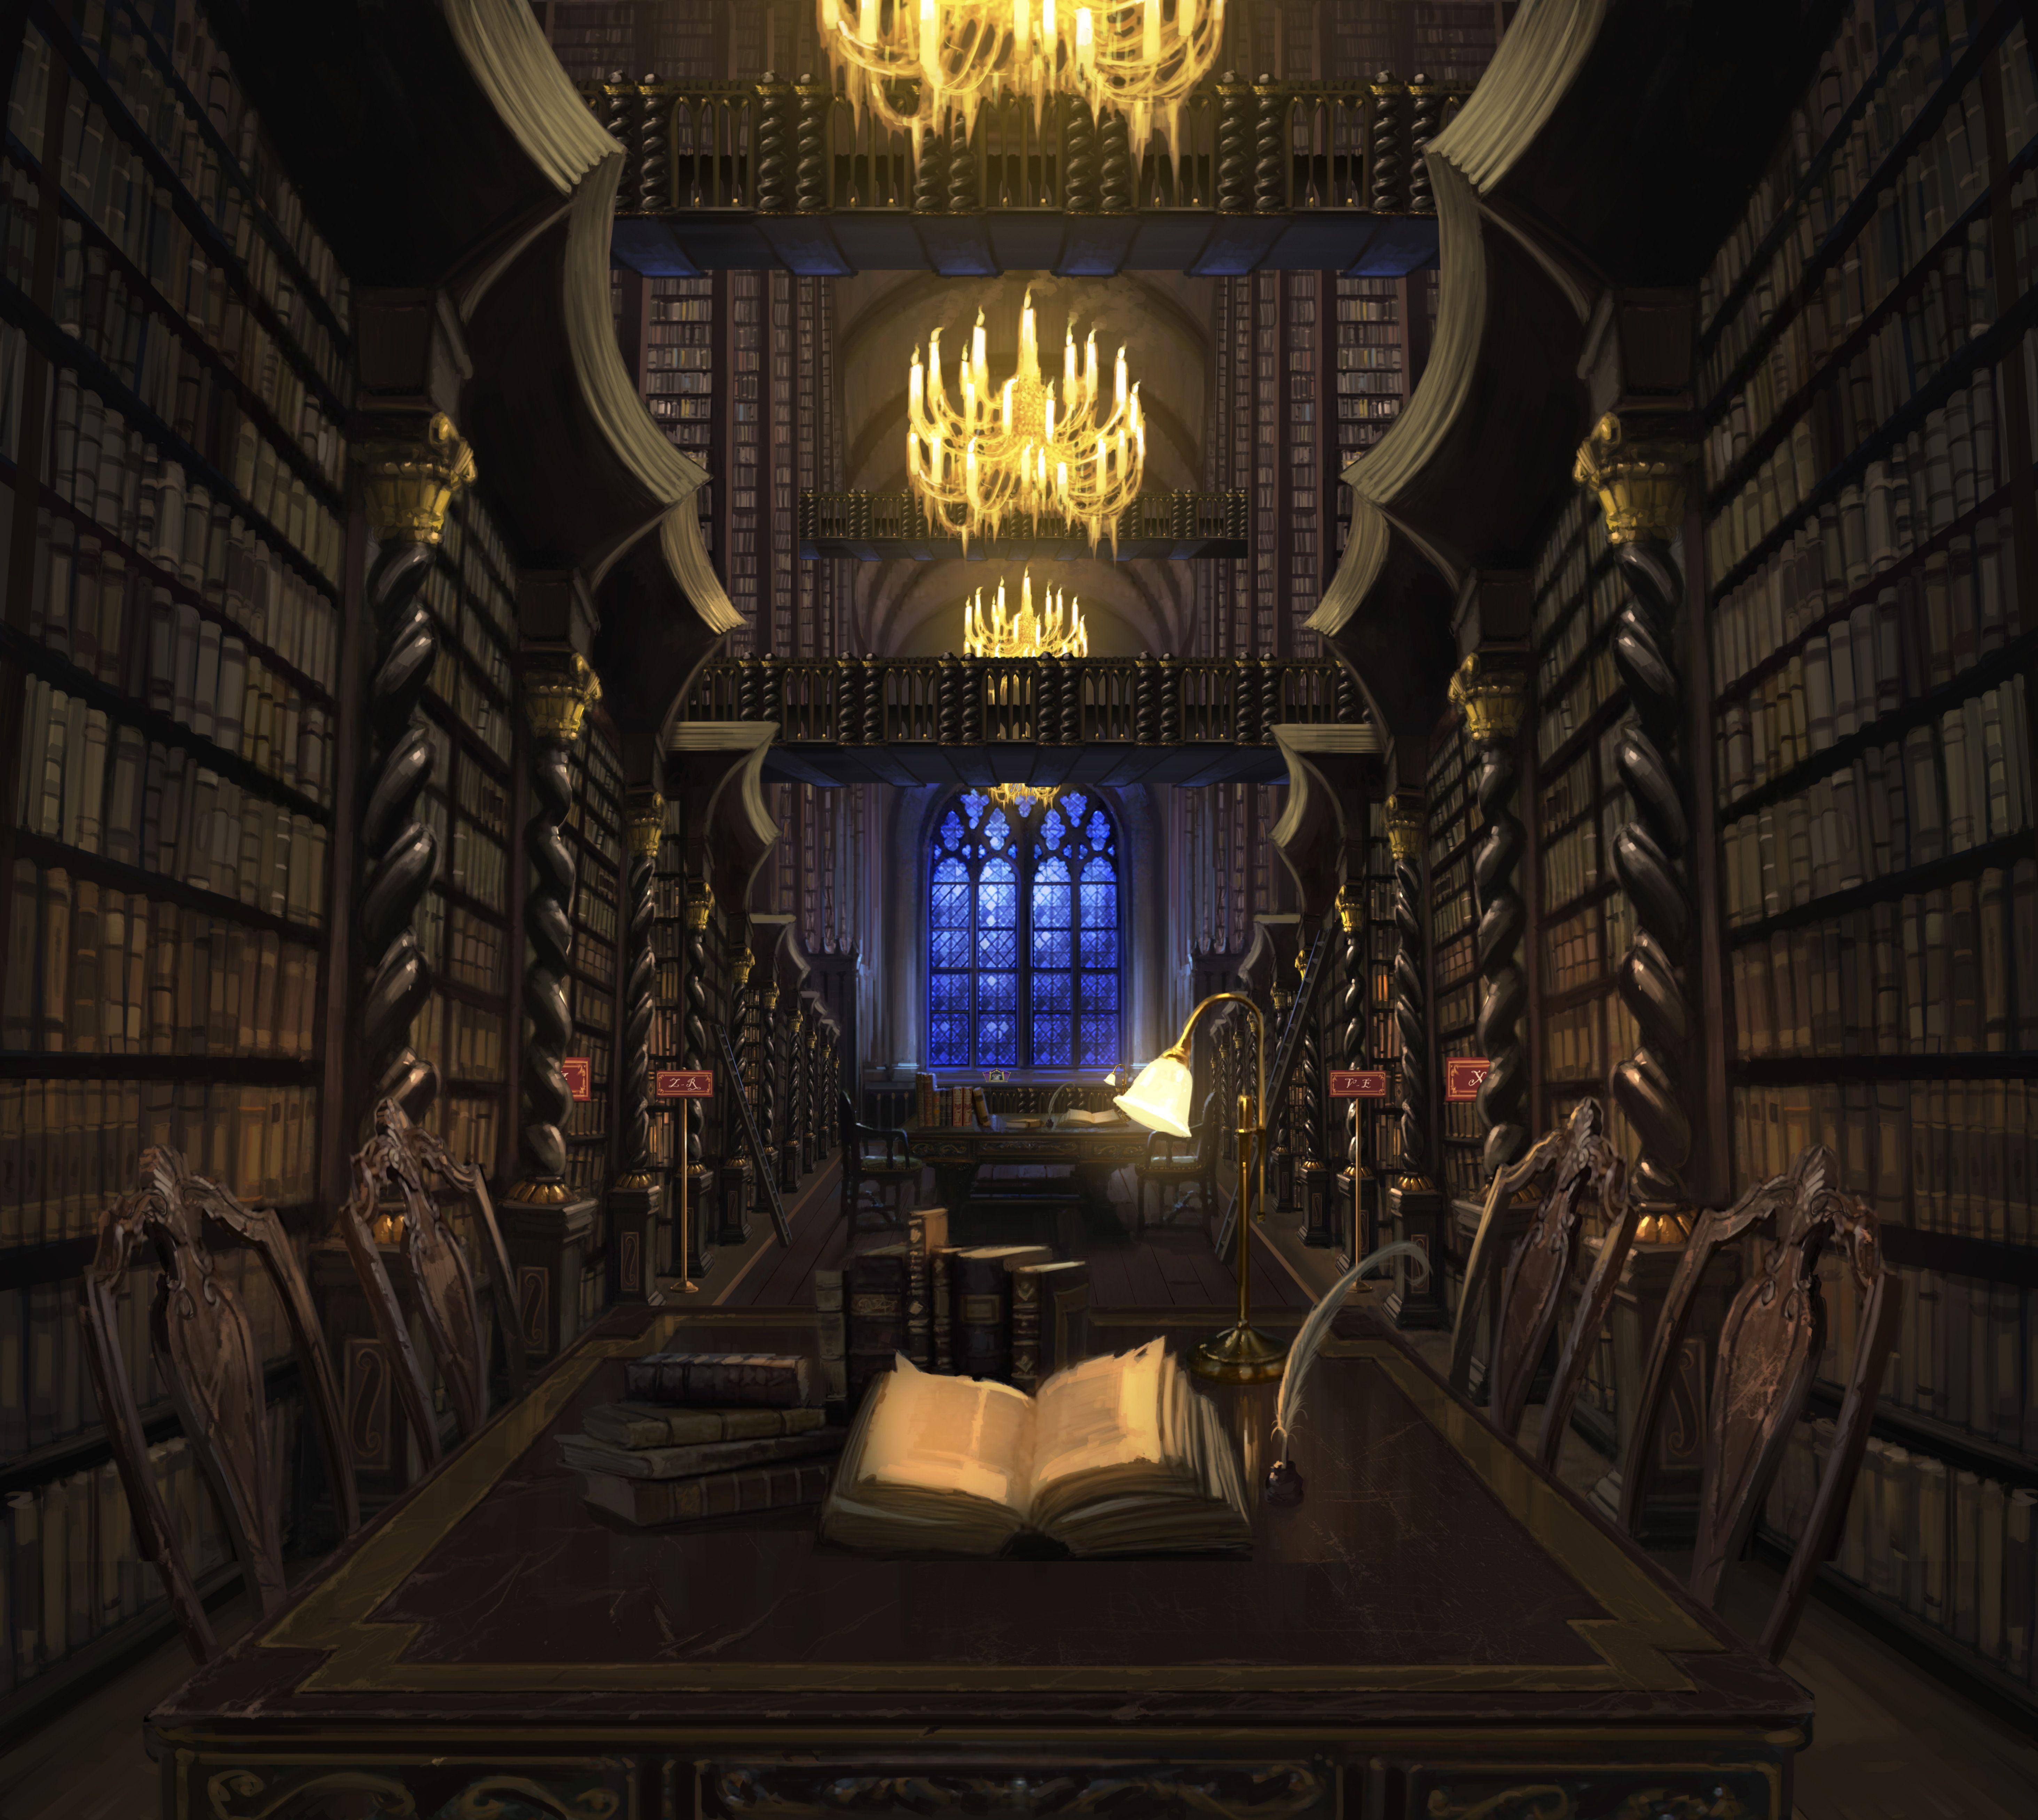 Hogwartslibrary Pm B1c15m1 Hogwartslibrarywithbook Moment Jpg 5854 5228 Hogwarts Library Hogwarts Harry Potter Fan Art